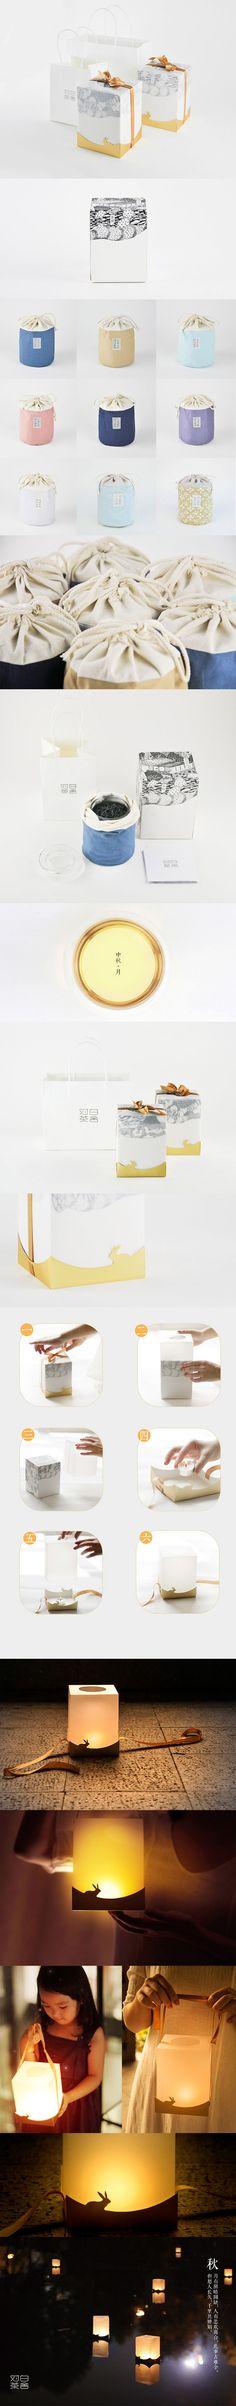 点亮中秋@七言设计采集到包装(695图)_花瓣平面设计 Assorted tea light gift packaging PD